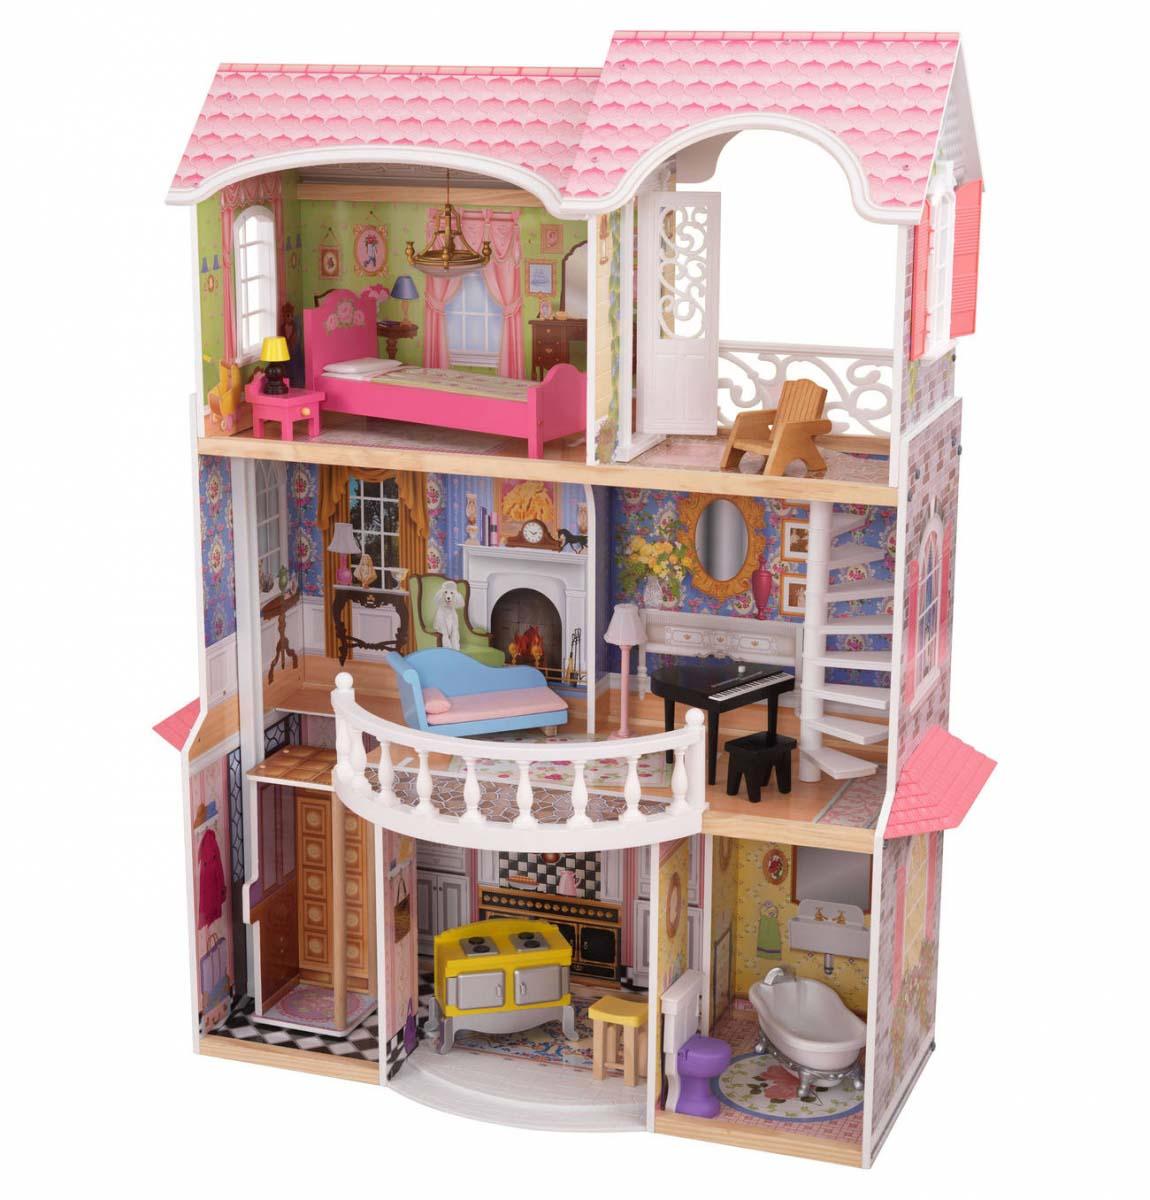 Винтажный кукольный дом для Барби - МагнолияКукольные домики<br>Винтажный кукольный дом для Барби - Магнолия<br>